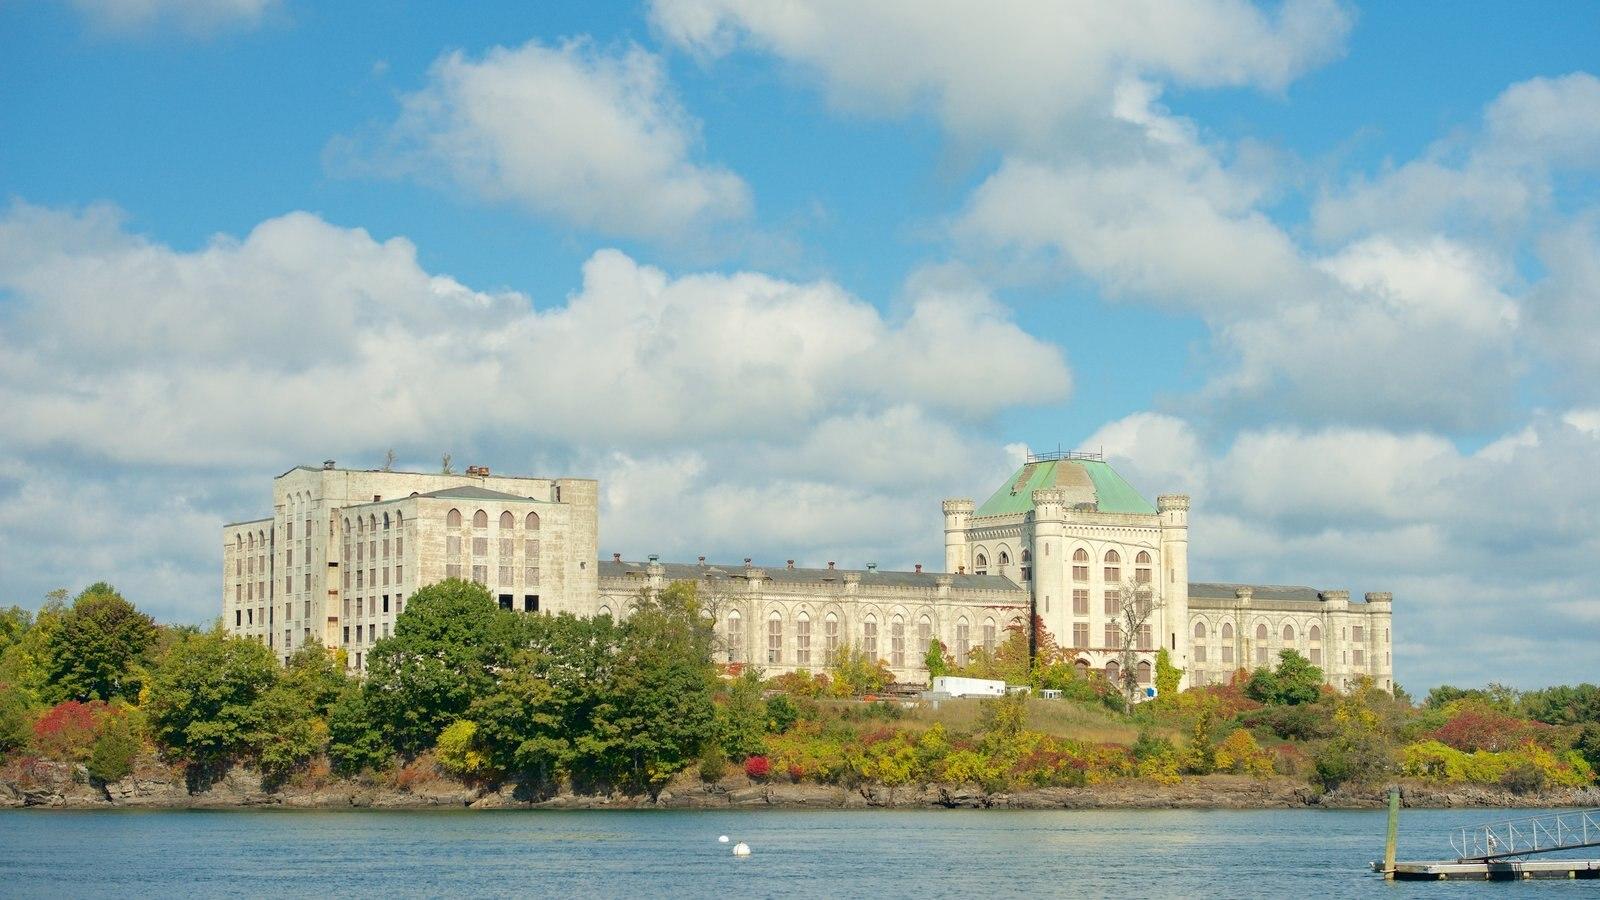 New Castle que incluye castillo o palacio y un río o arroyo